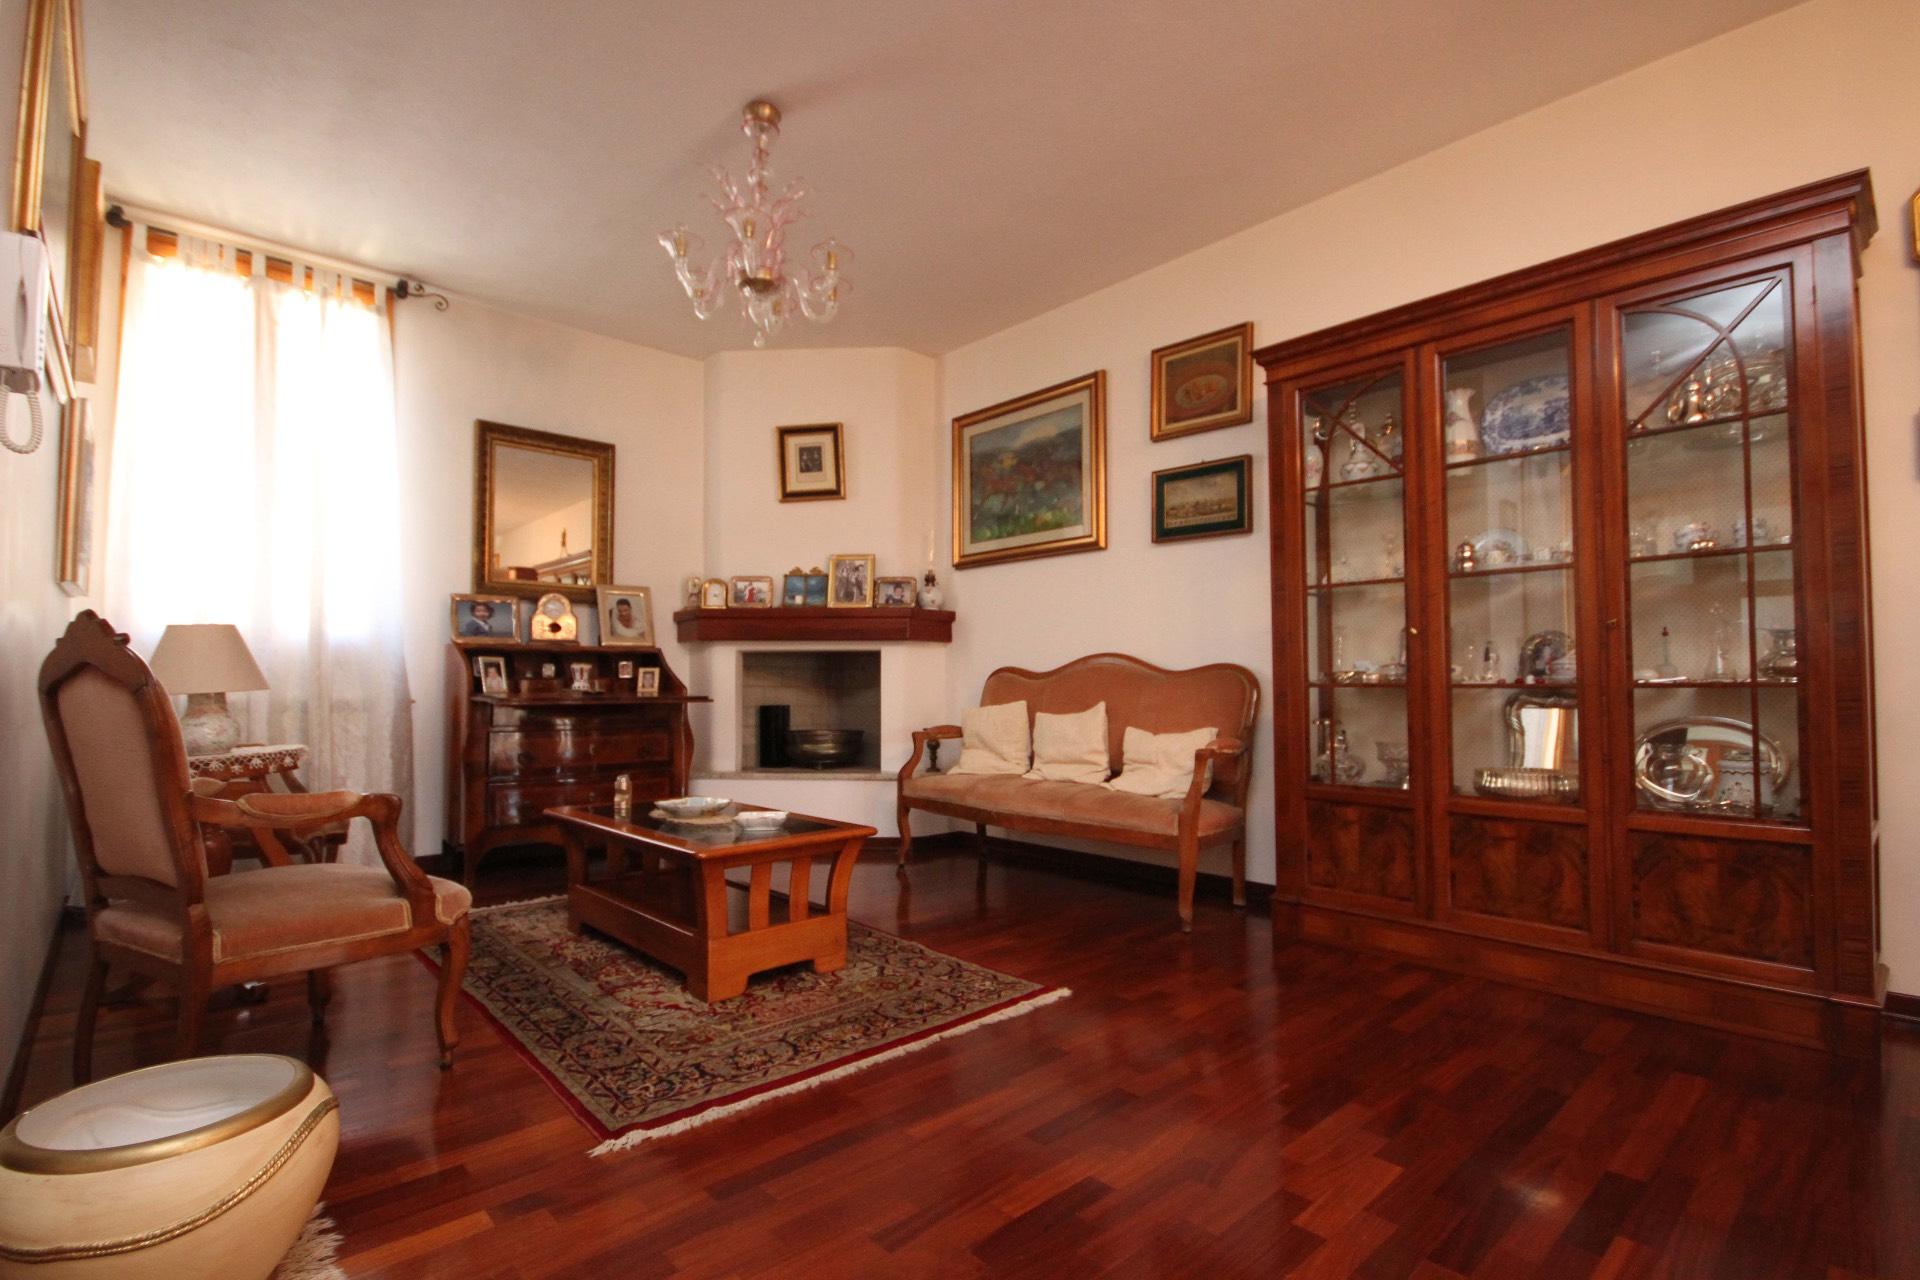 Villa in vendita a Quartu Sant'Elena, 5 locali, zona Località: SanBendetto-ViaFiume, prezzo € 410.000 | Cambio Casa.it